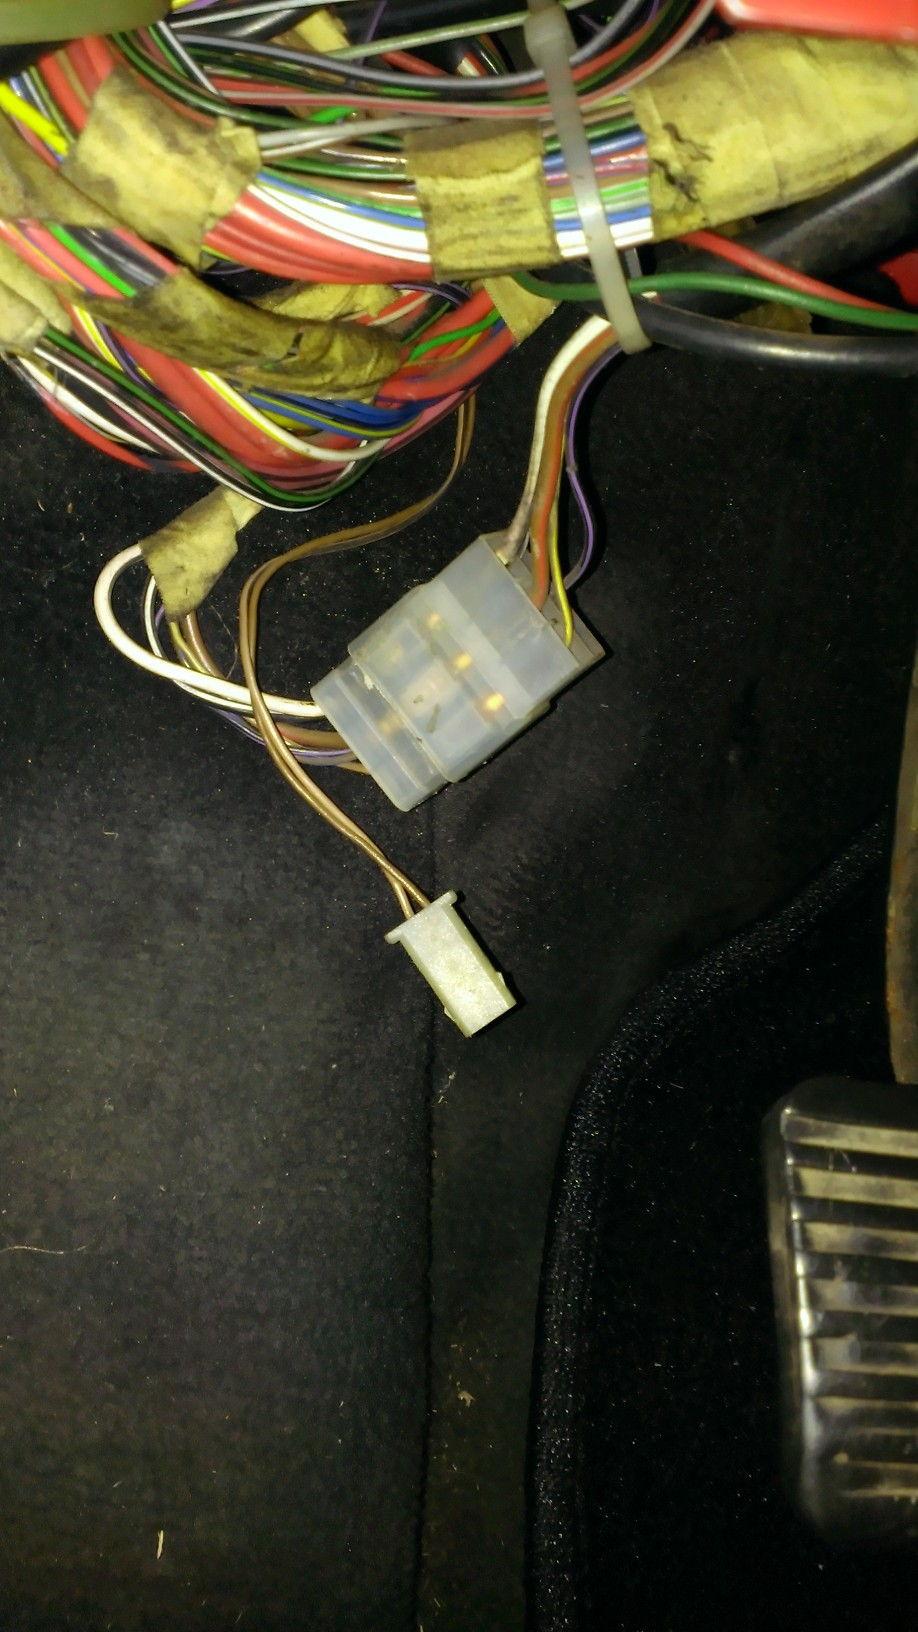 1983 944 tachometer clock and loose wires rennlist porsche rh rennlist com Tachometer Wiring Diagram Auto Meter Tachometer Wiring